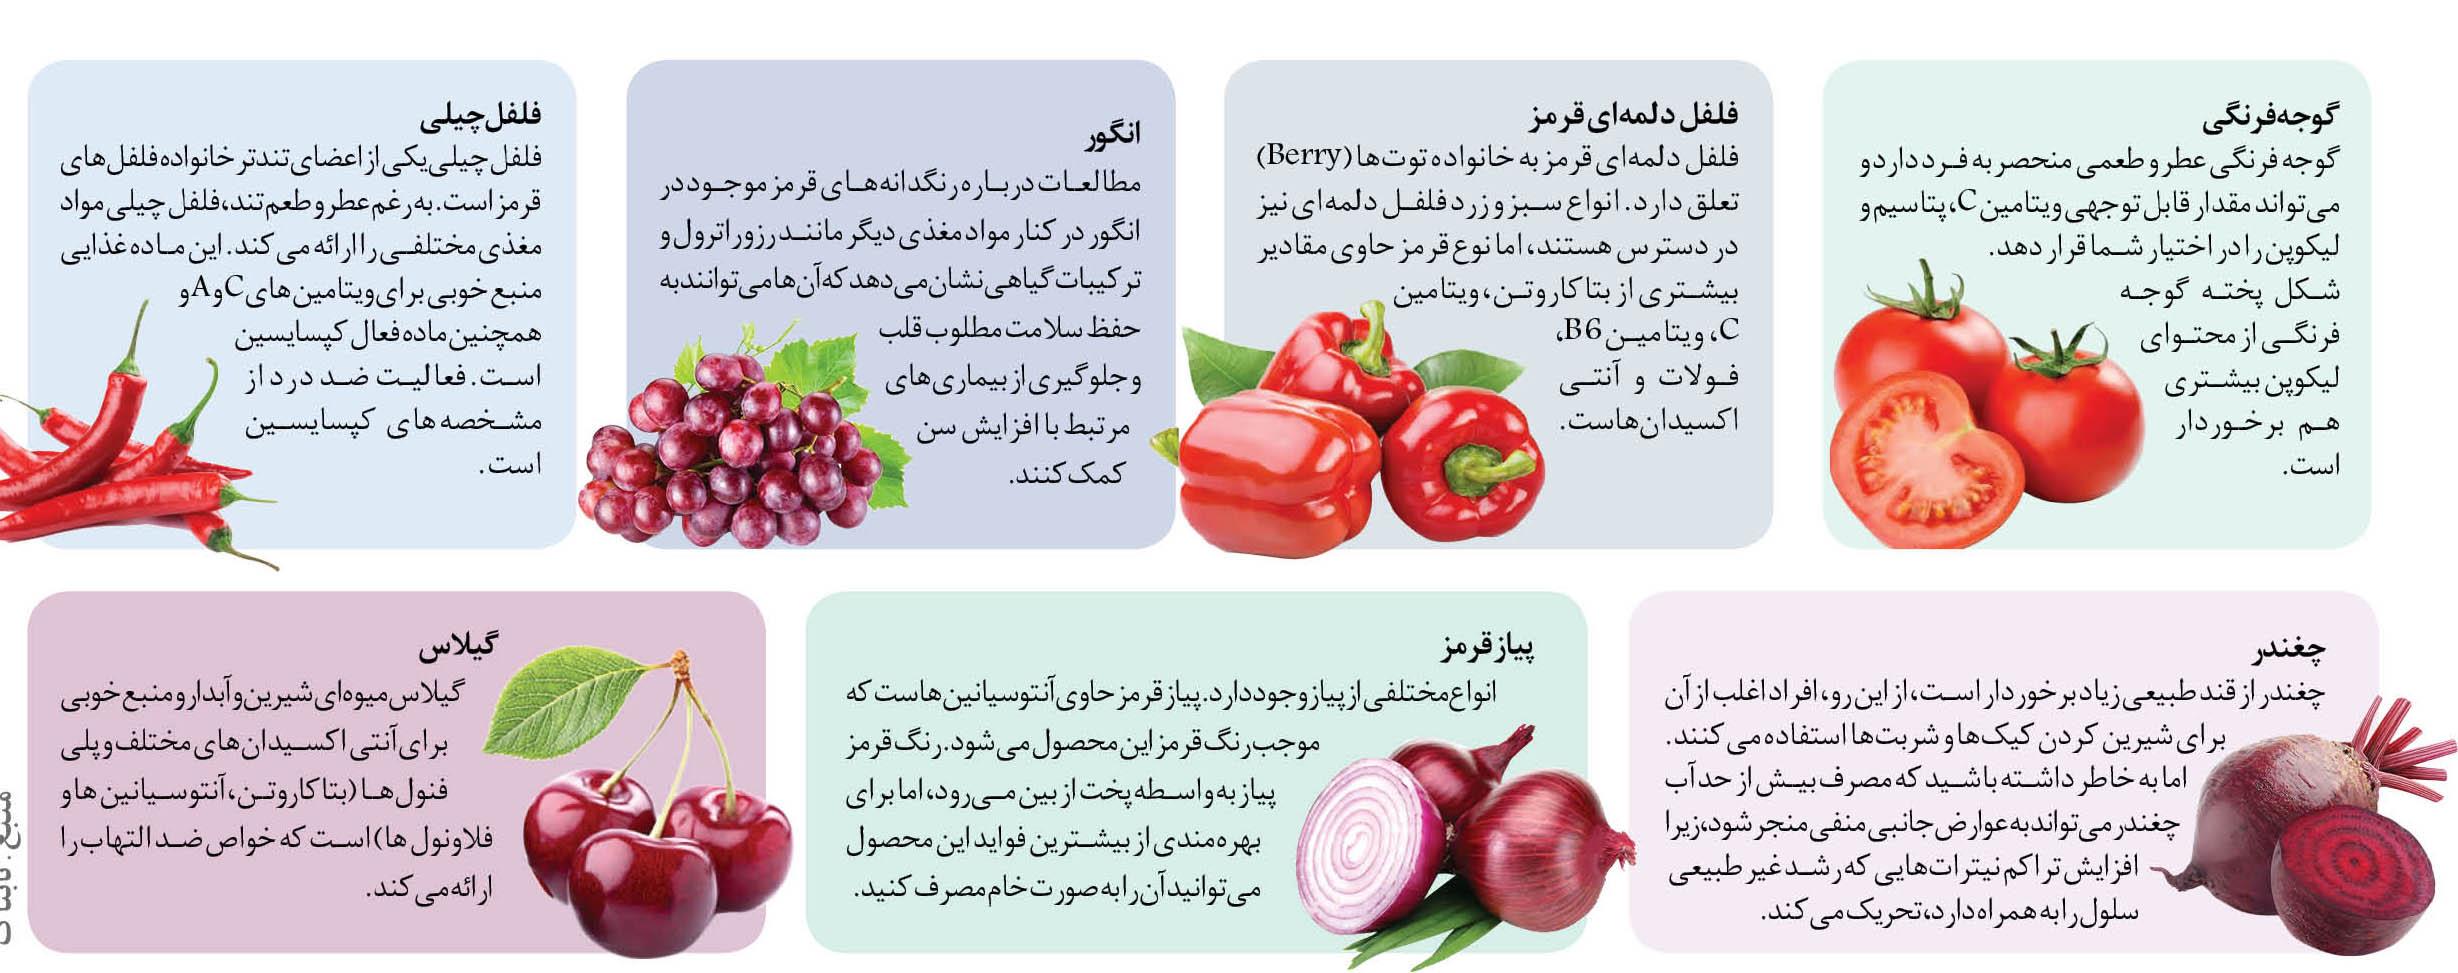 خاصیت شگفت انیگز میوه و سبزیجات قرمز رنگ +عنس